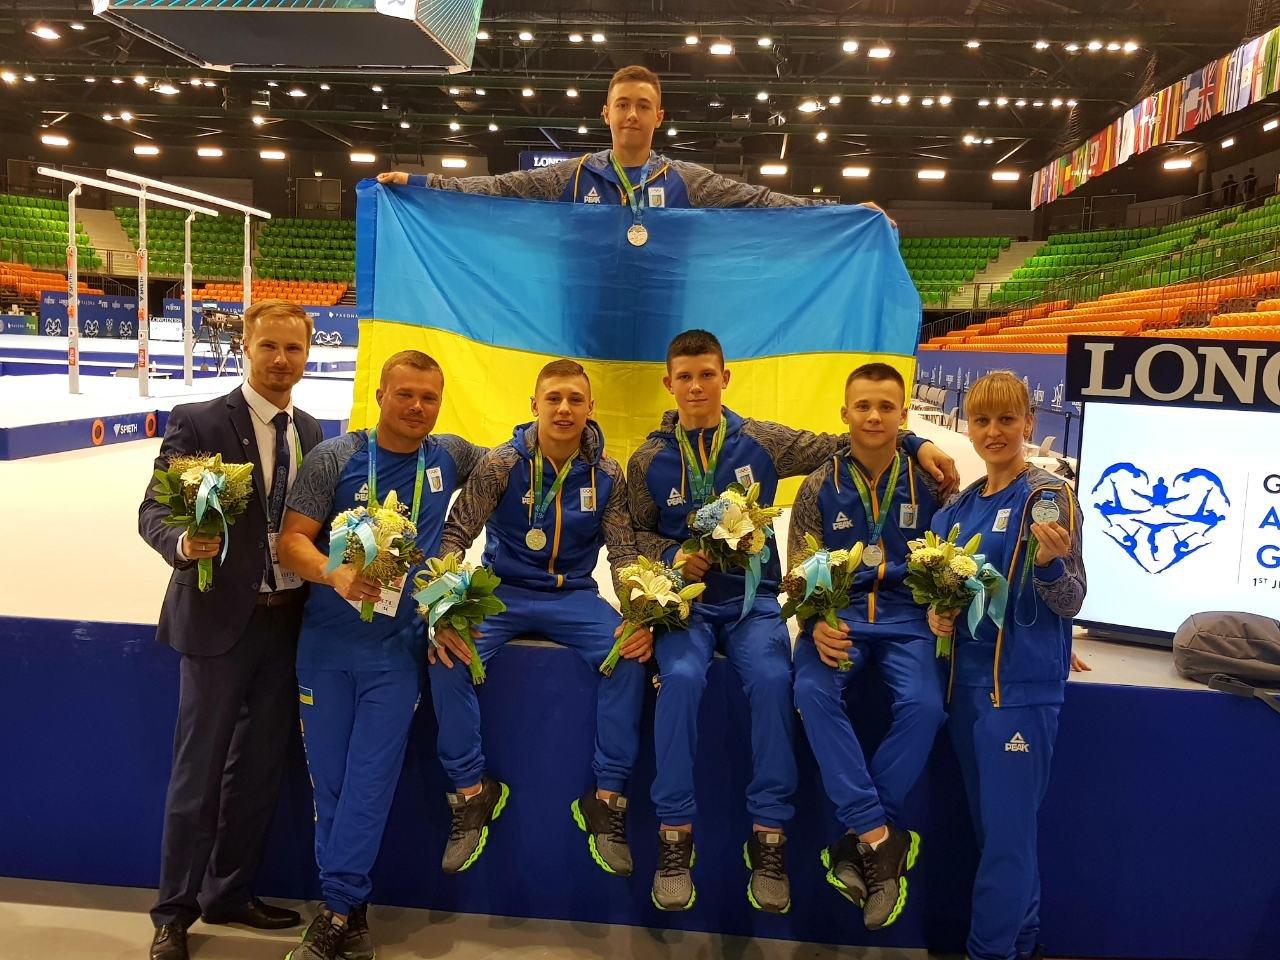 Днепрянин завоевал серебро на чемпионате мира среди по спортивной гимнастике, - ФОТО, фото-1